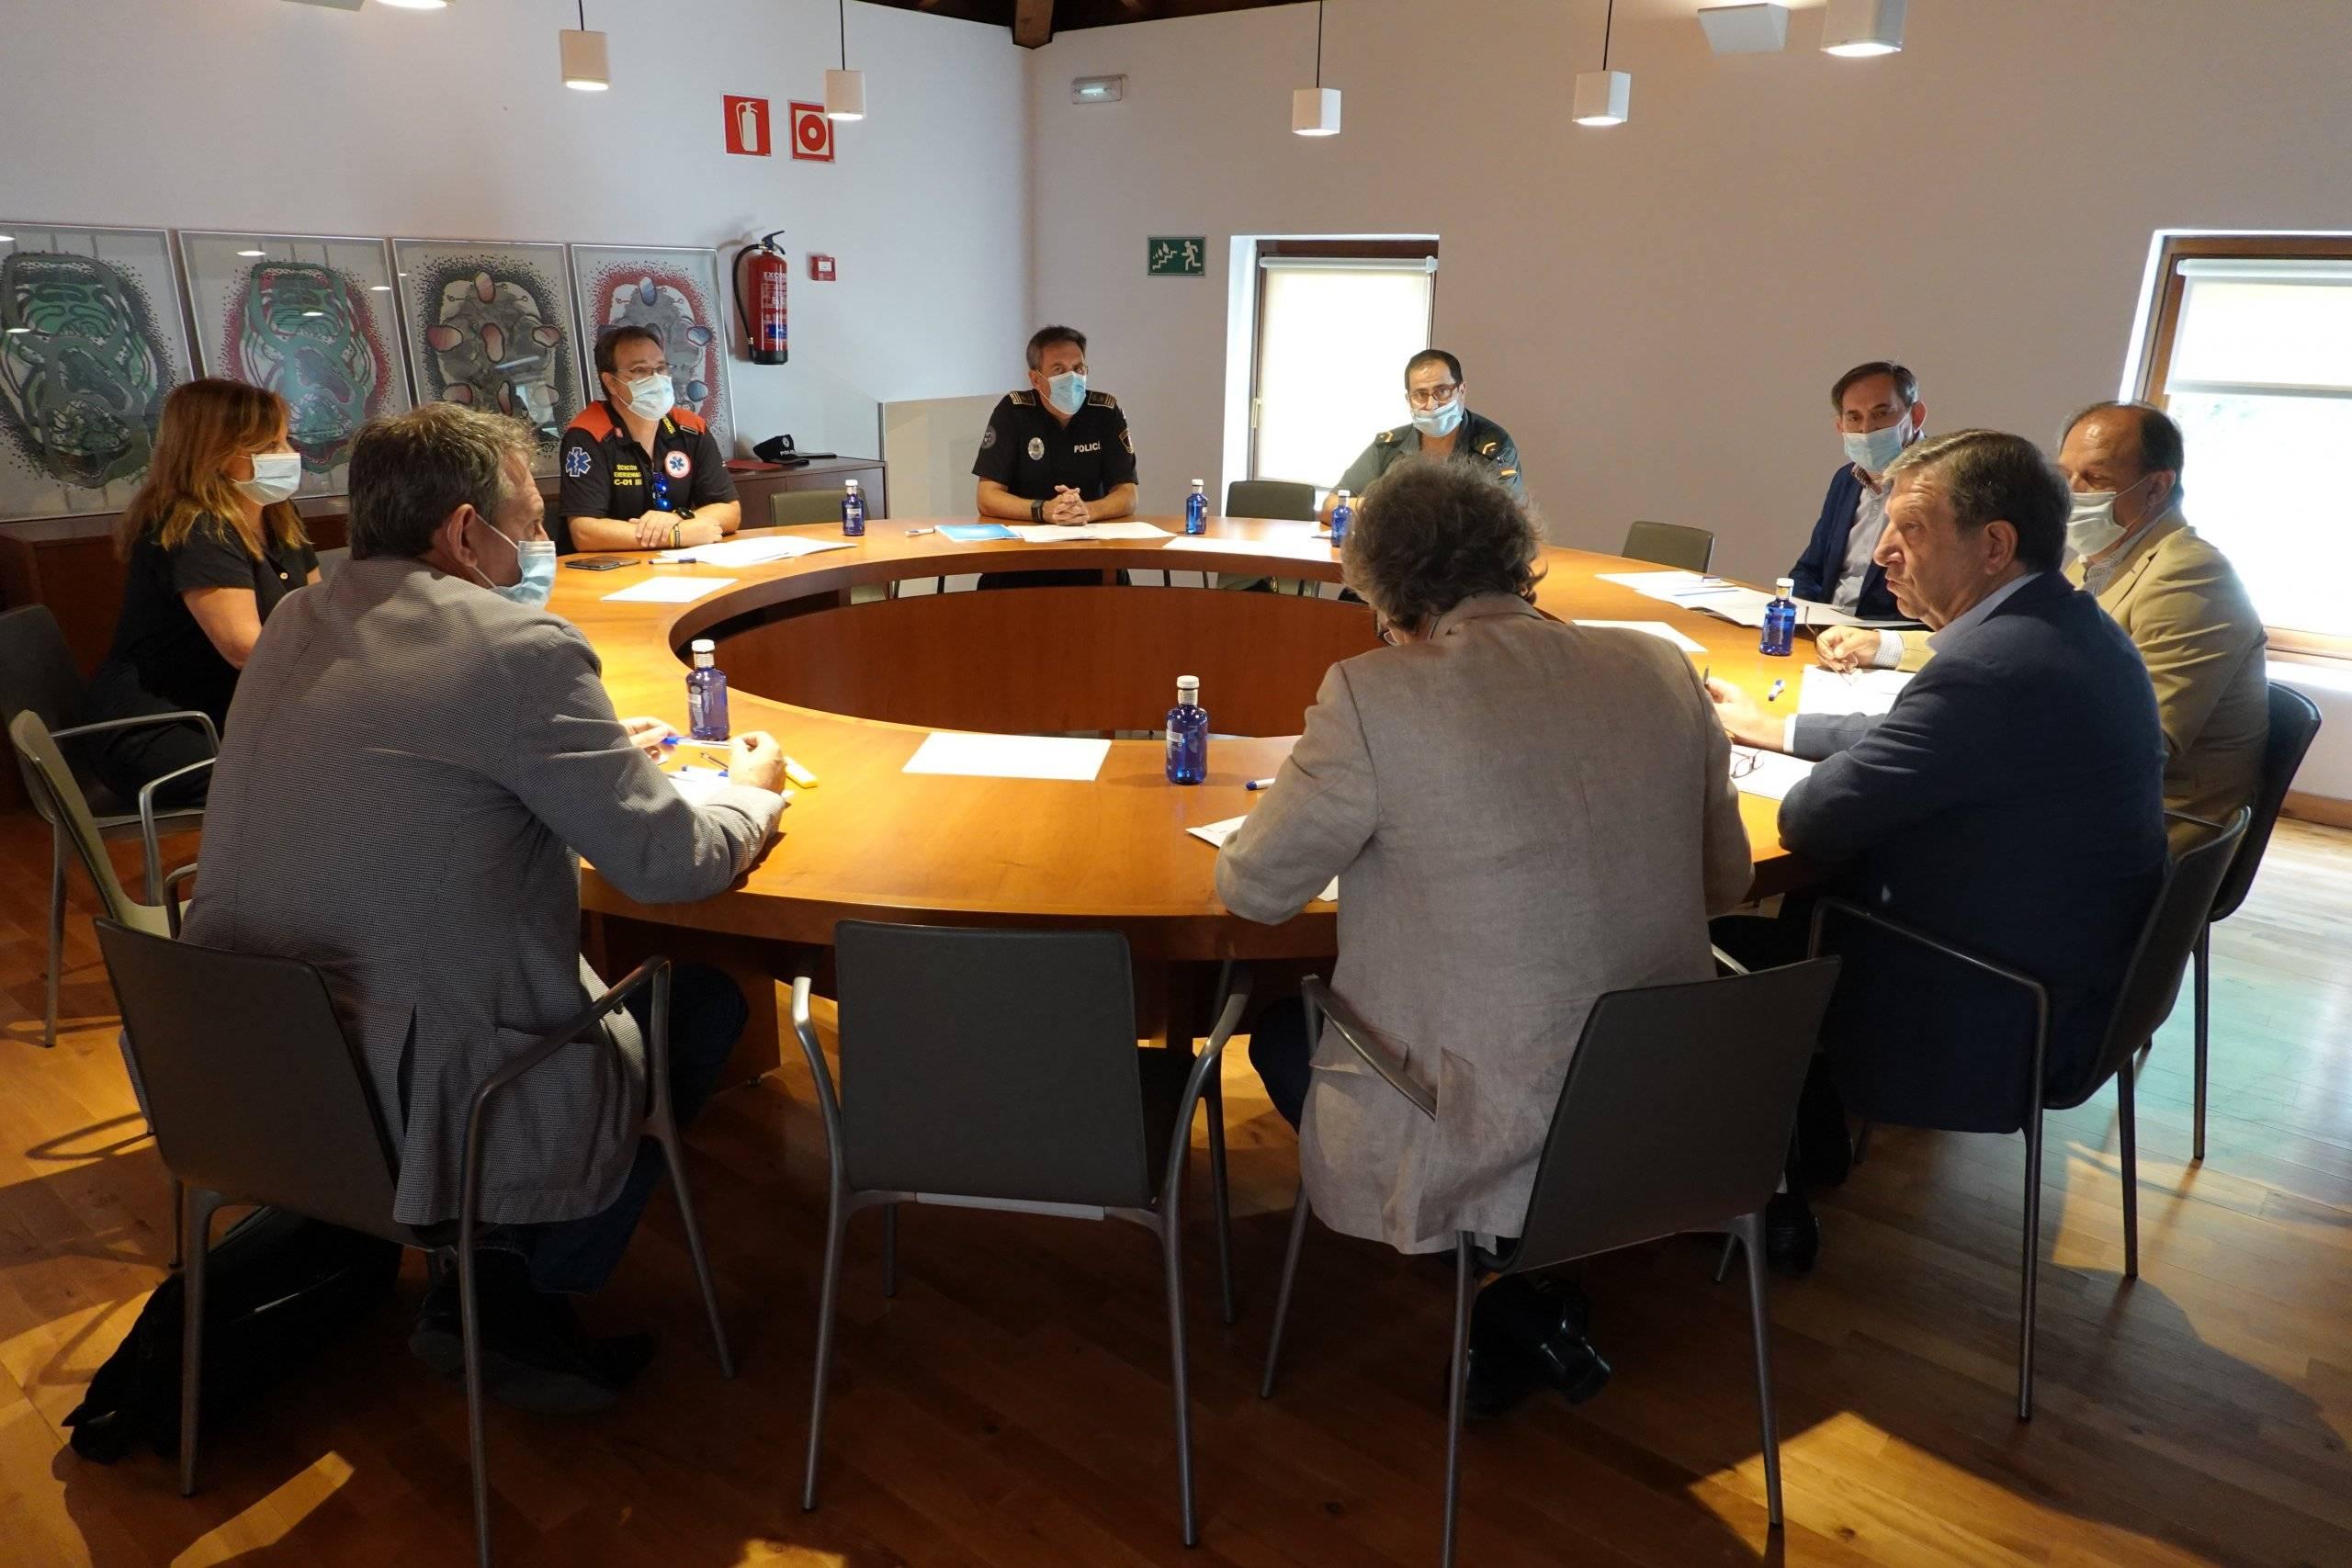 Los asistentes a la junta durante la reunión.